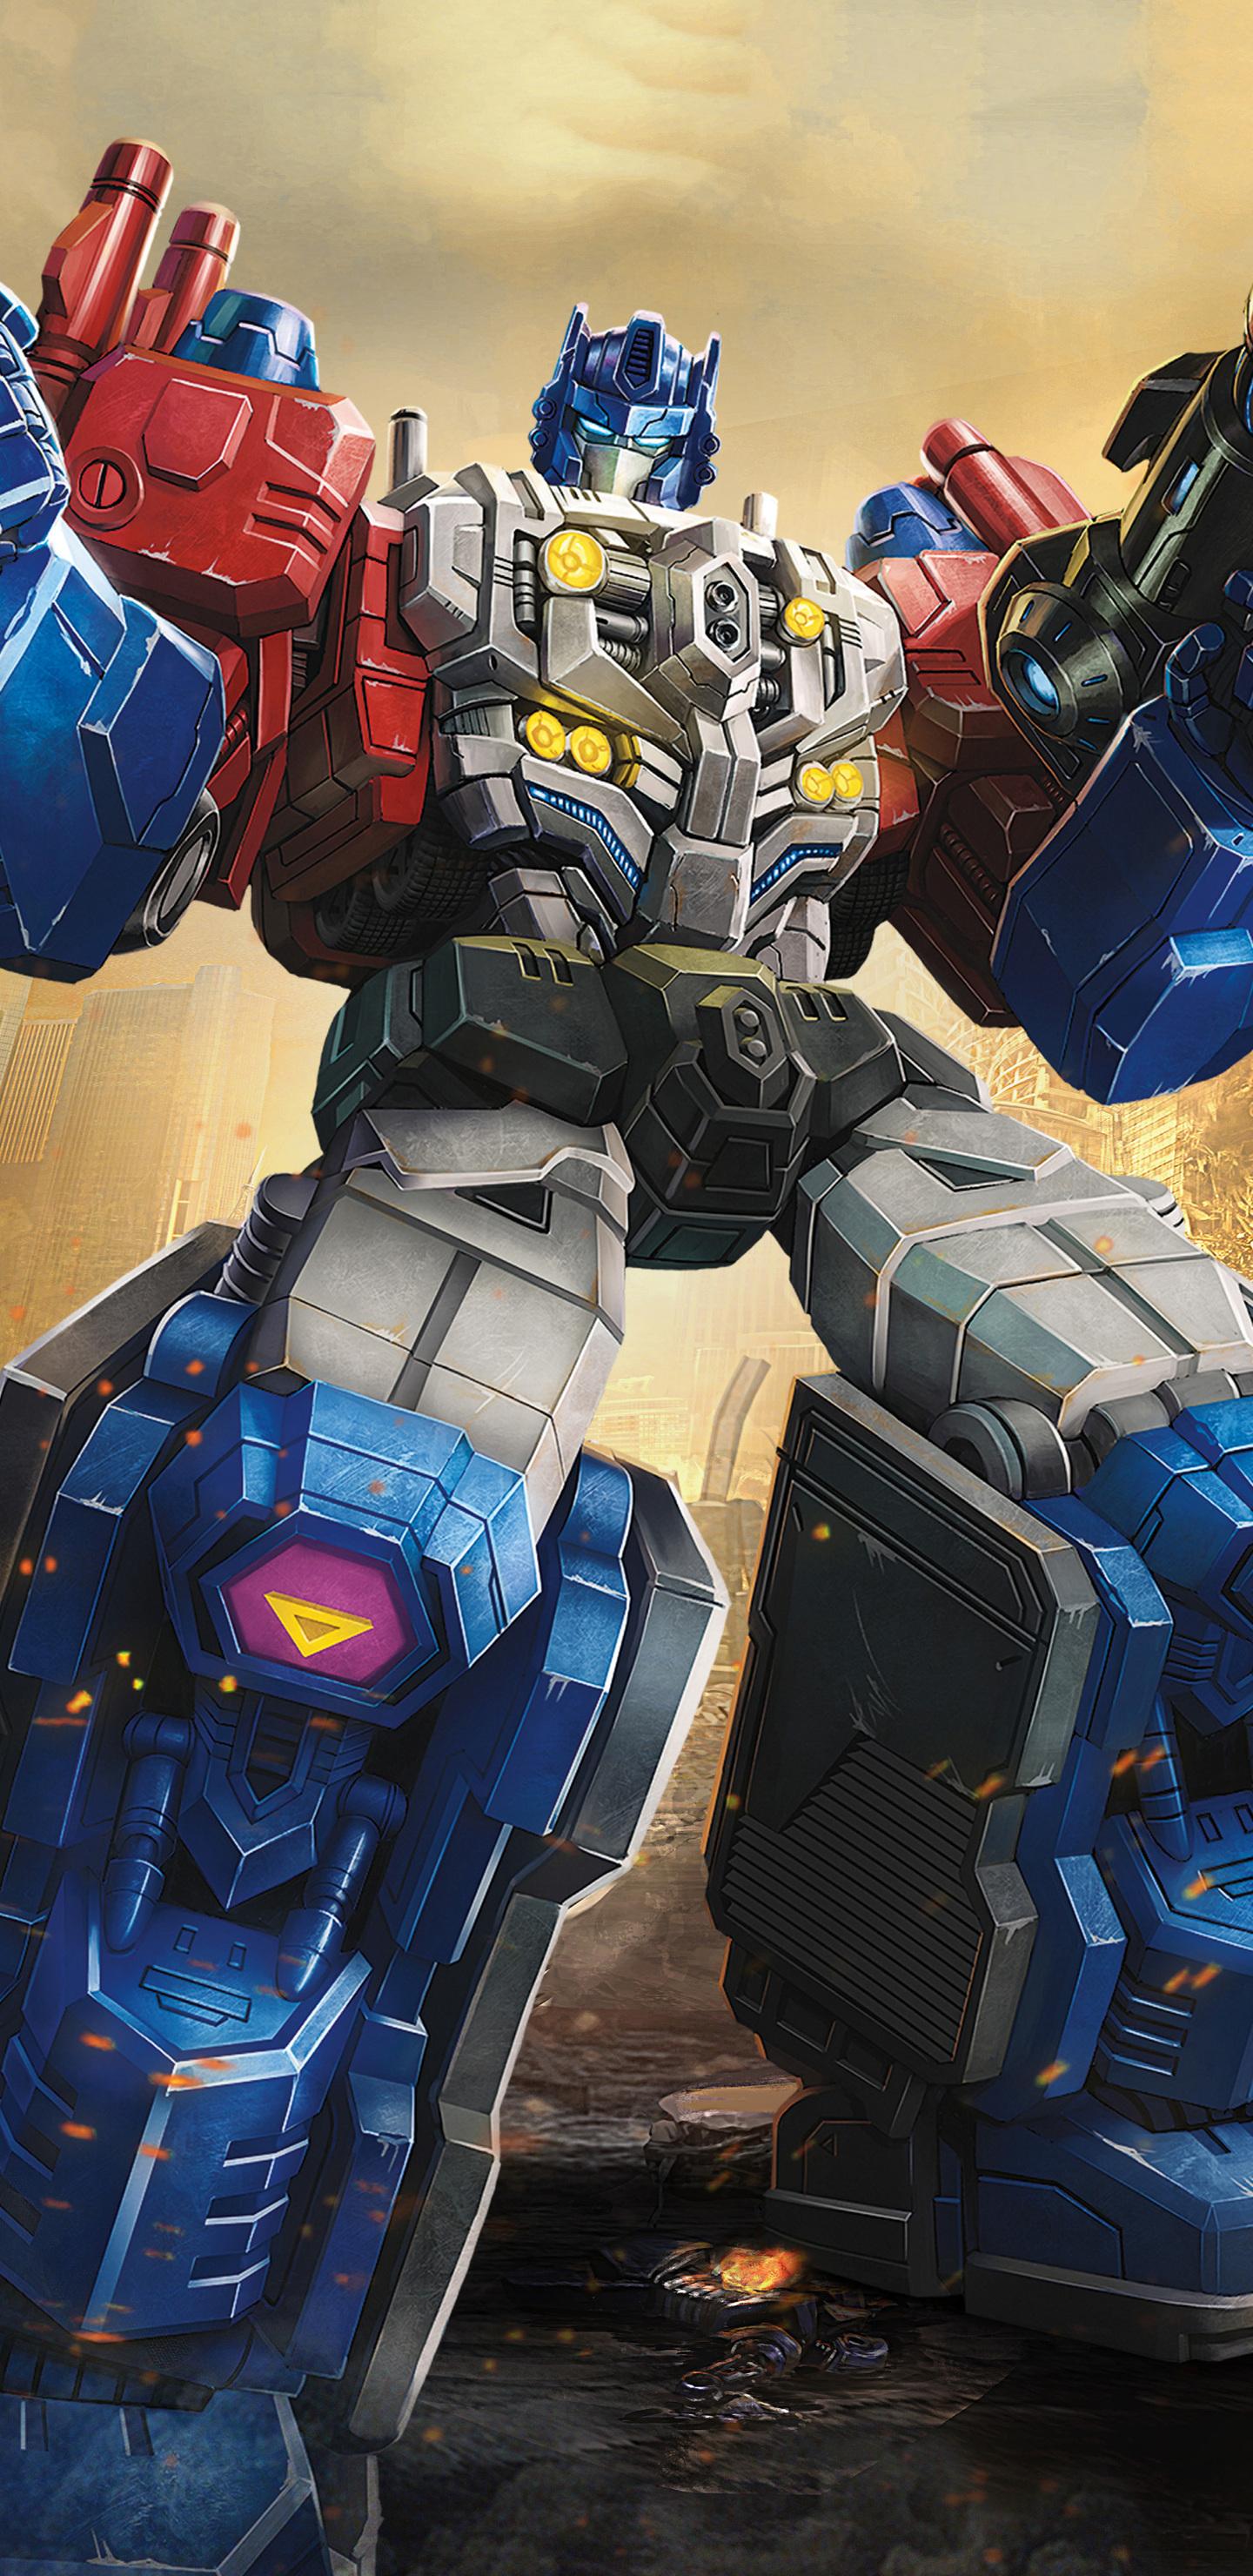 powermaster-optimus-in-transformers-titans-return-de.jpg